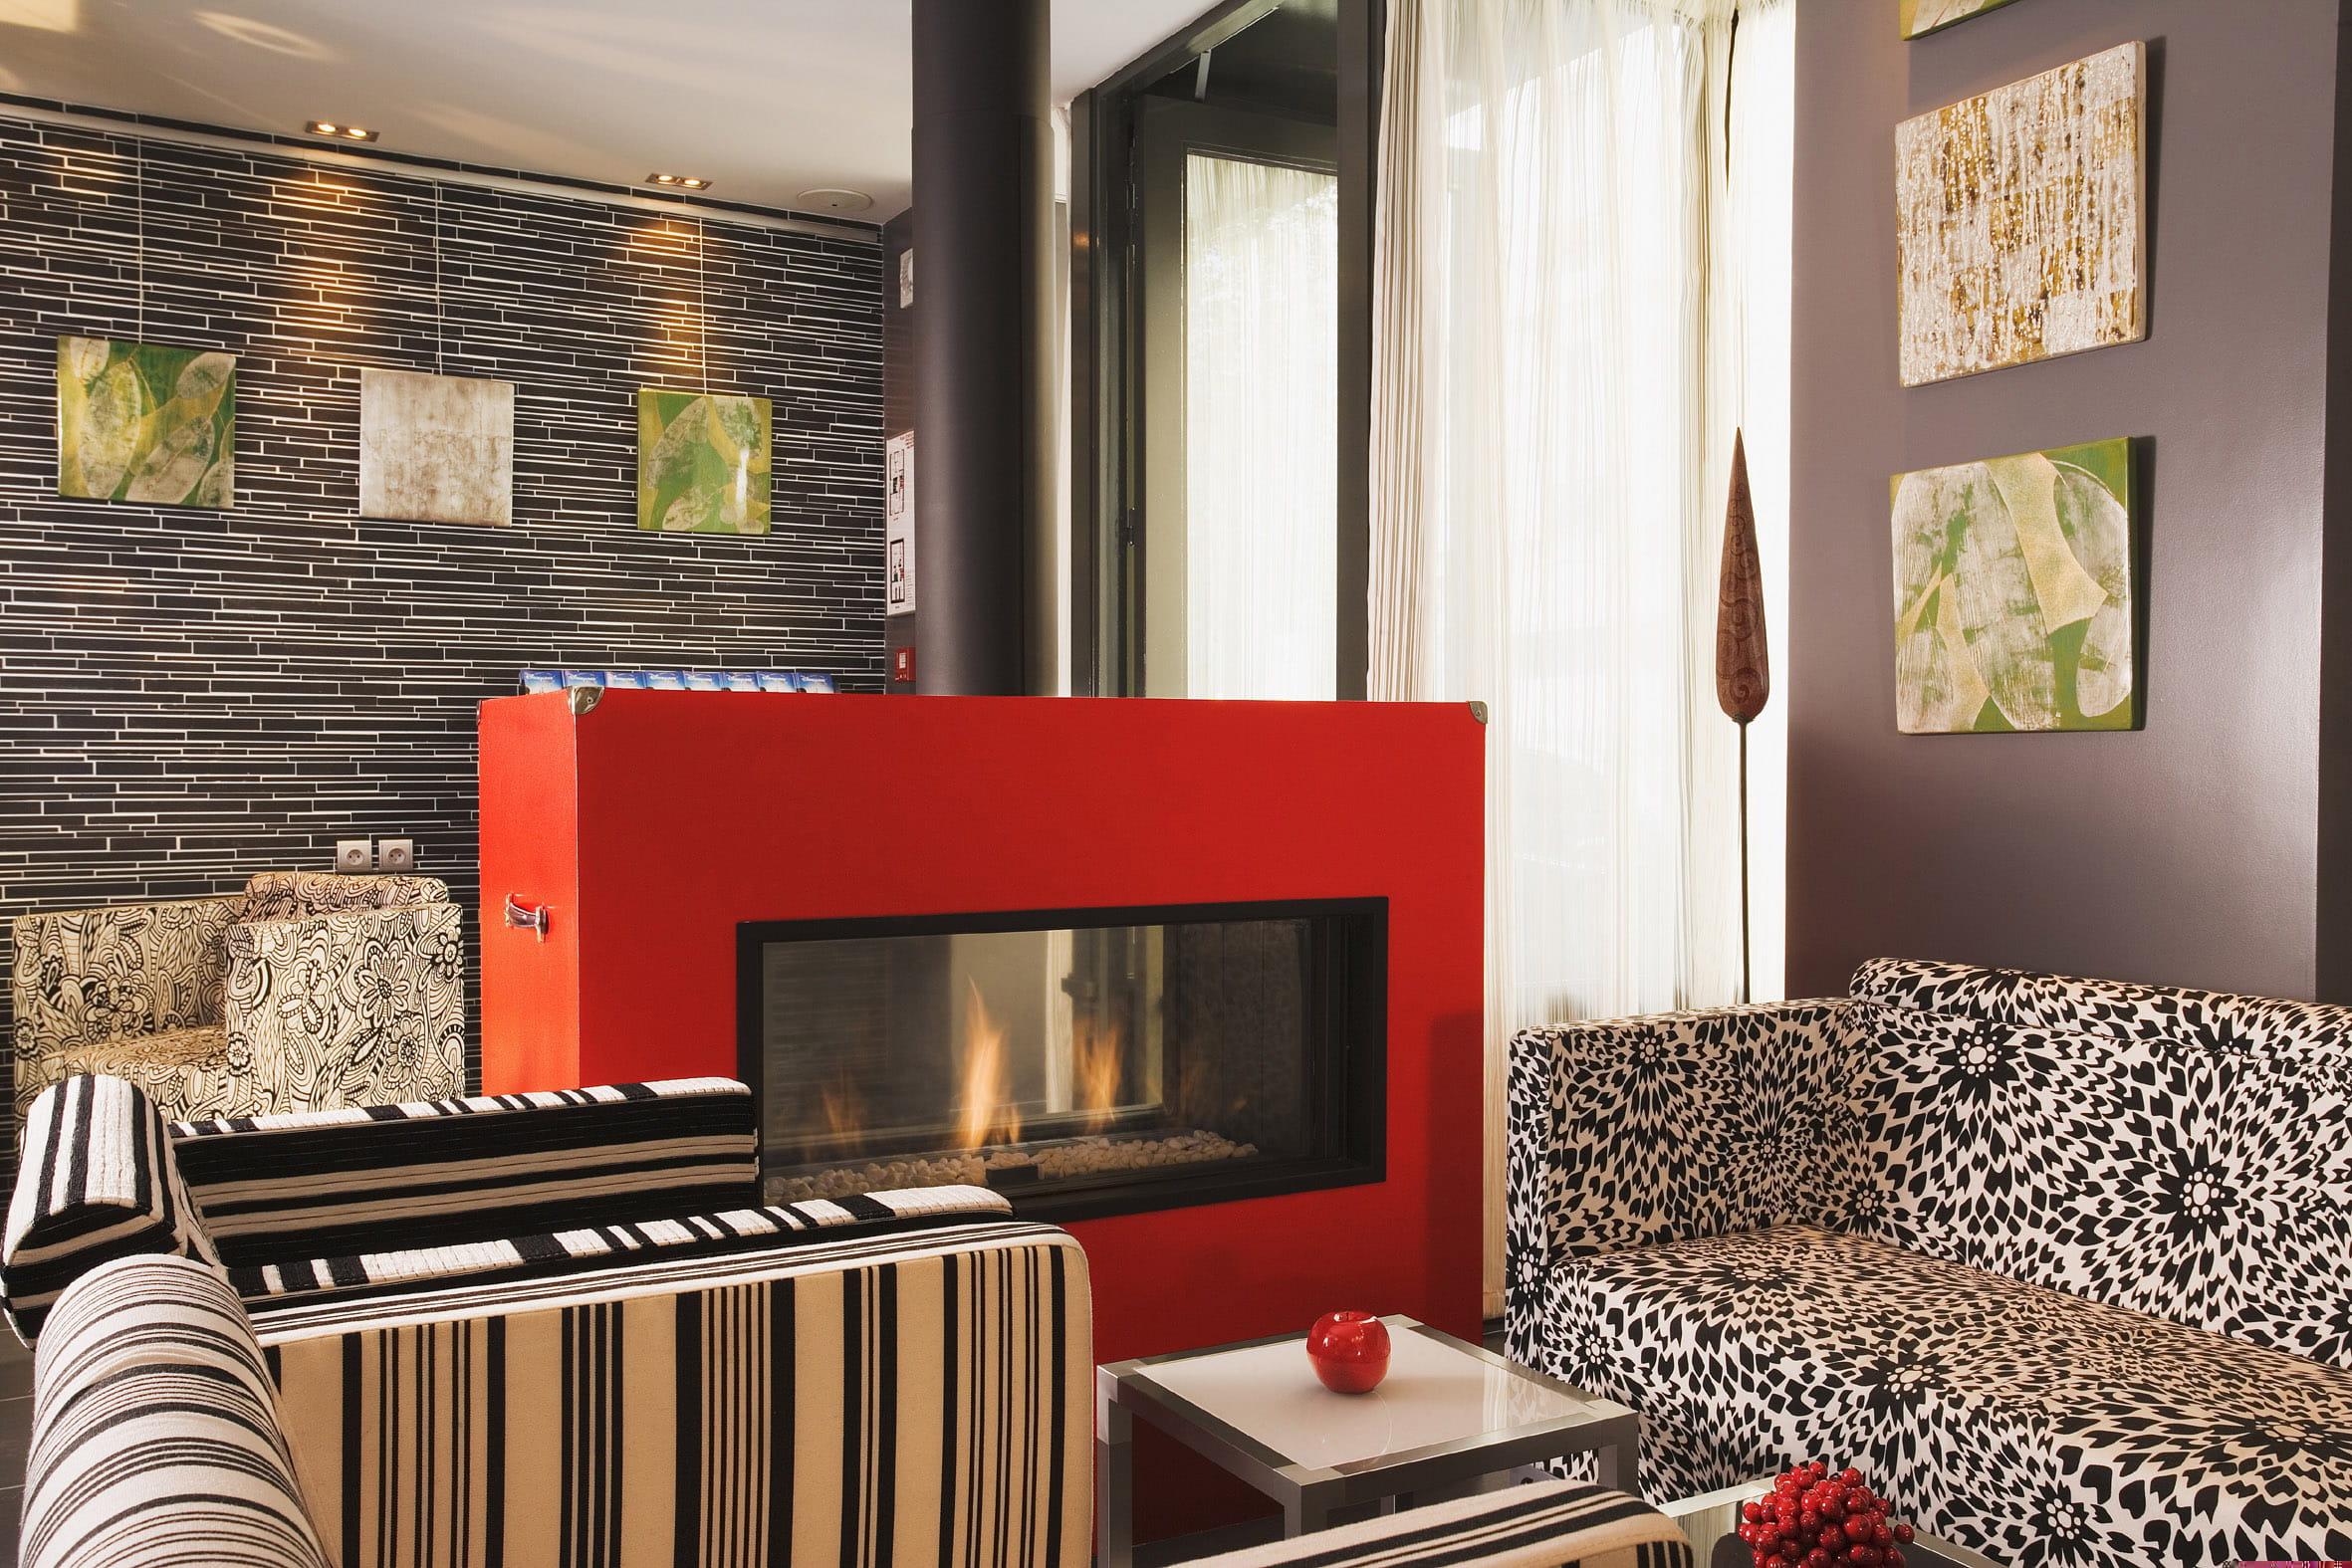 ... de cheminée : Hôtels de rêve pour la Saint-Valentin - Linternaute